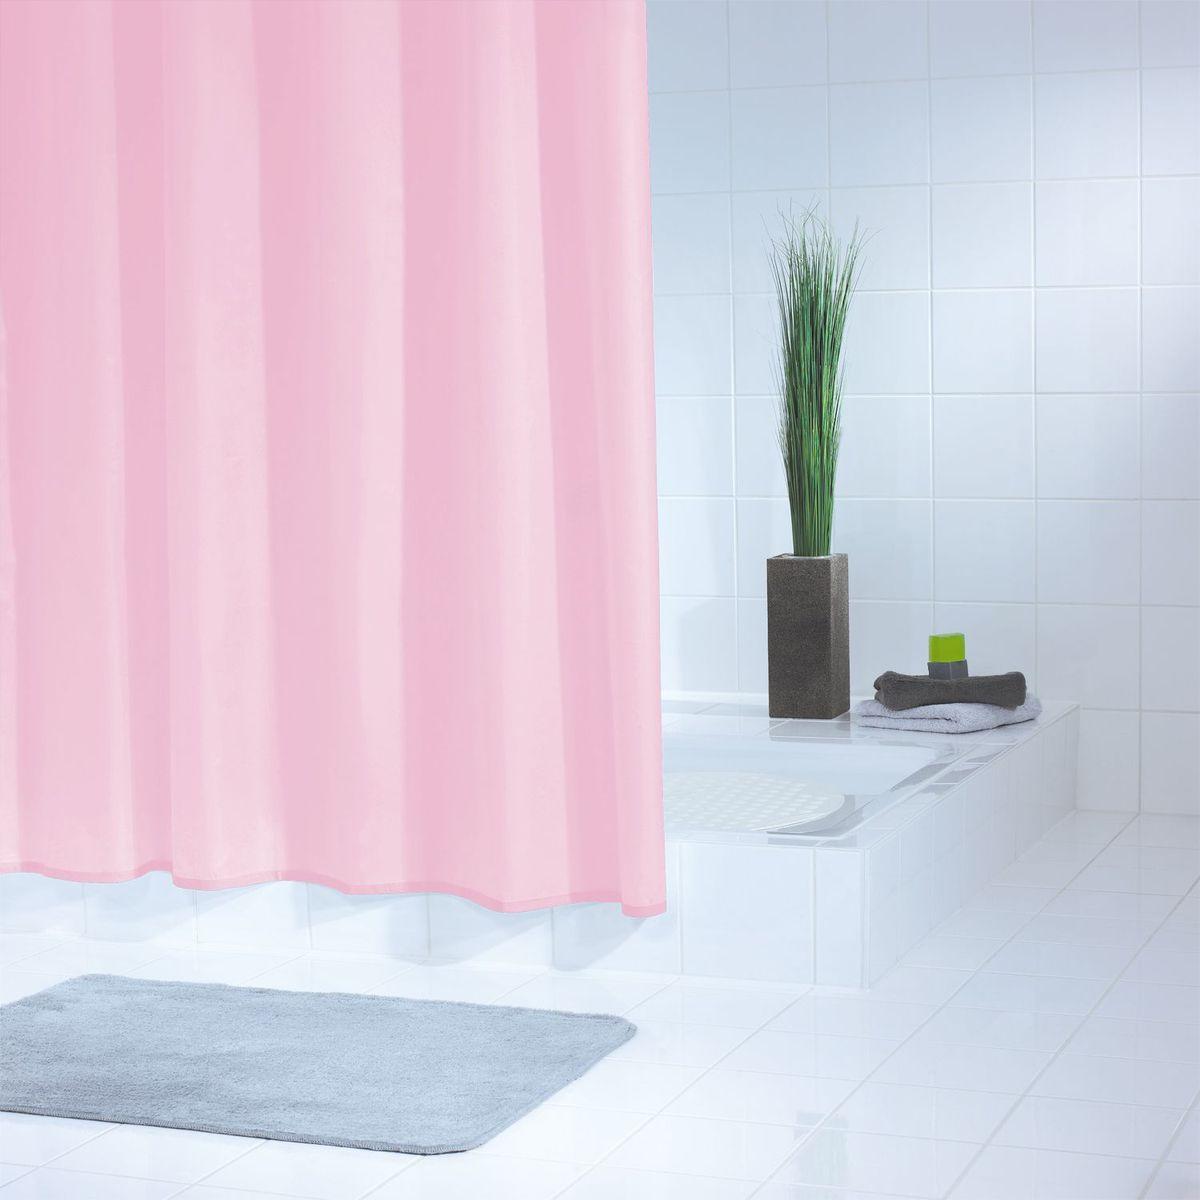 Высококачественная немецкая штора для душа создает прекрасное настроение. Продукты из эколена не имеют запаха и считаются экологически чистыми. Ручная стирка.  Не гладить.